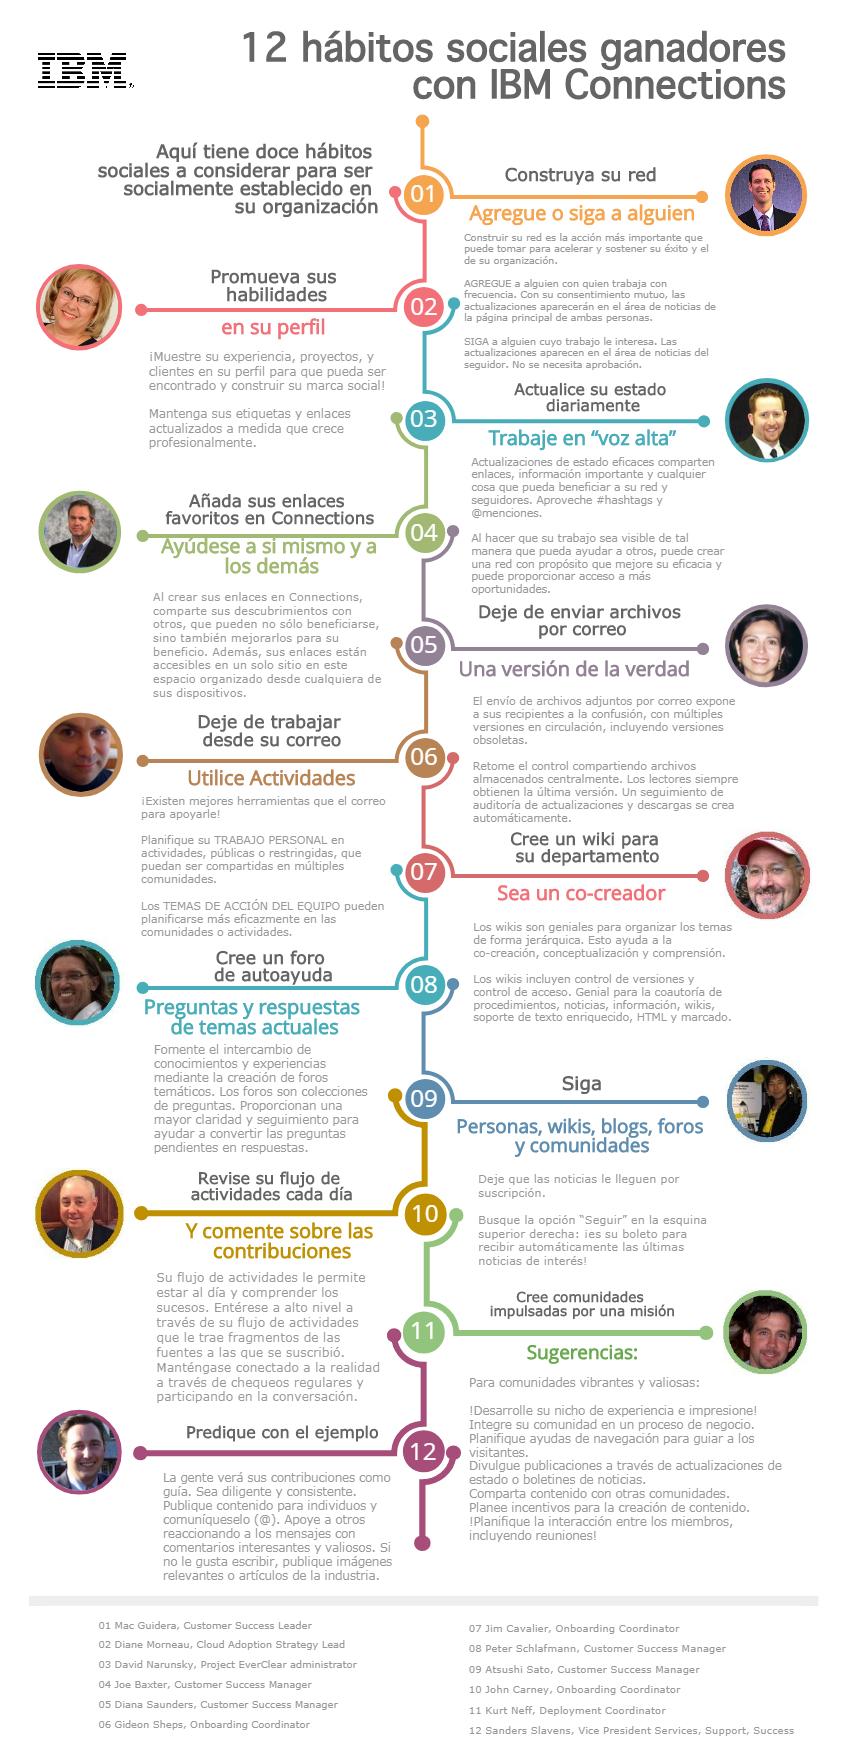 Doce habitos sociales ganadores IBM Connections